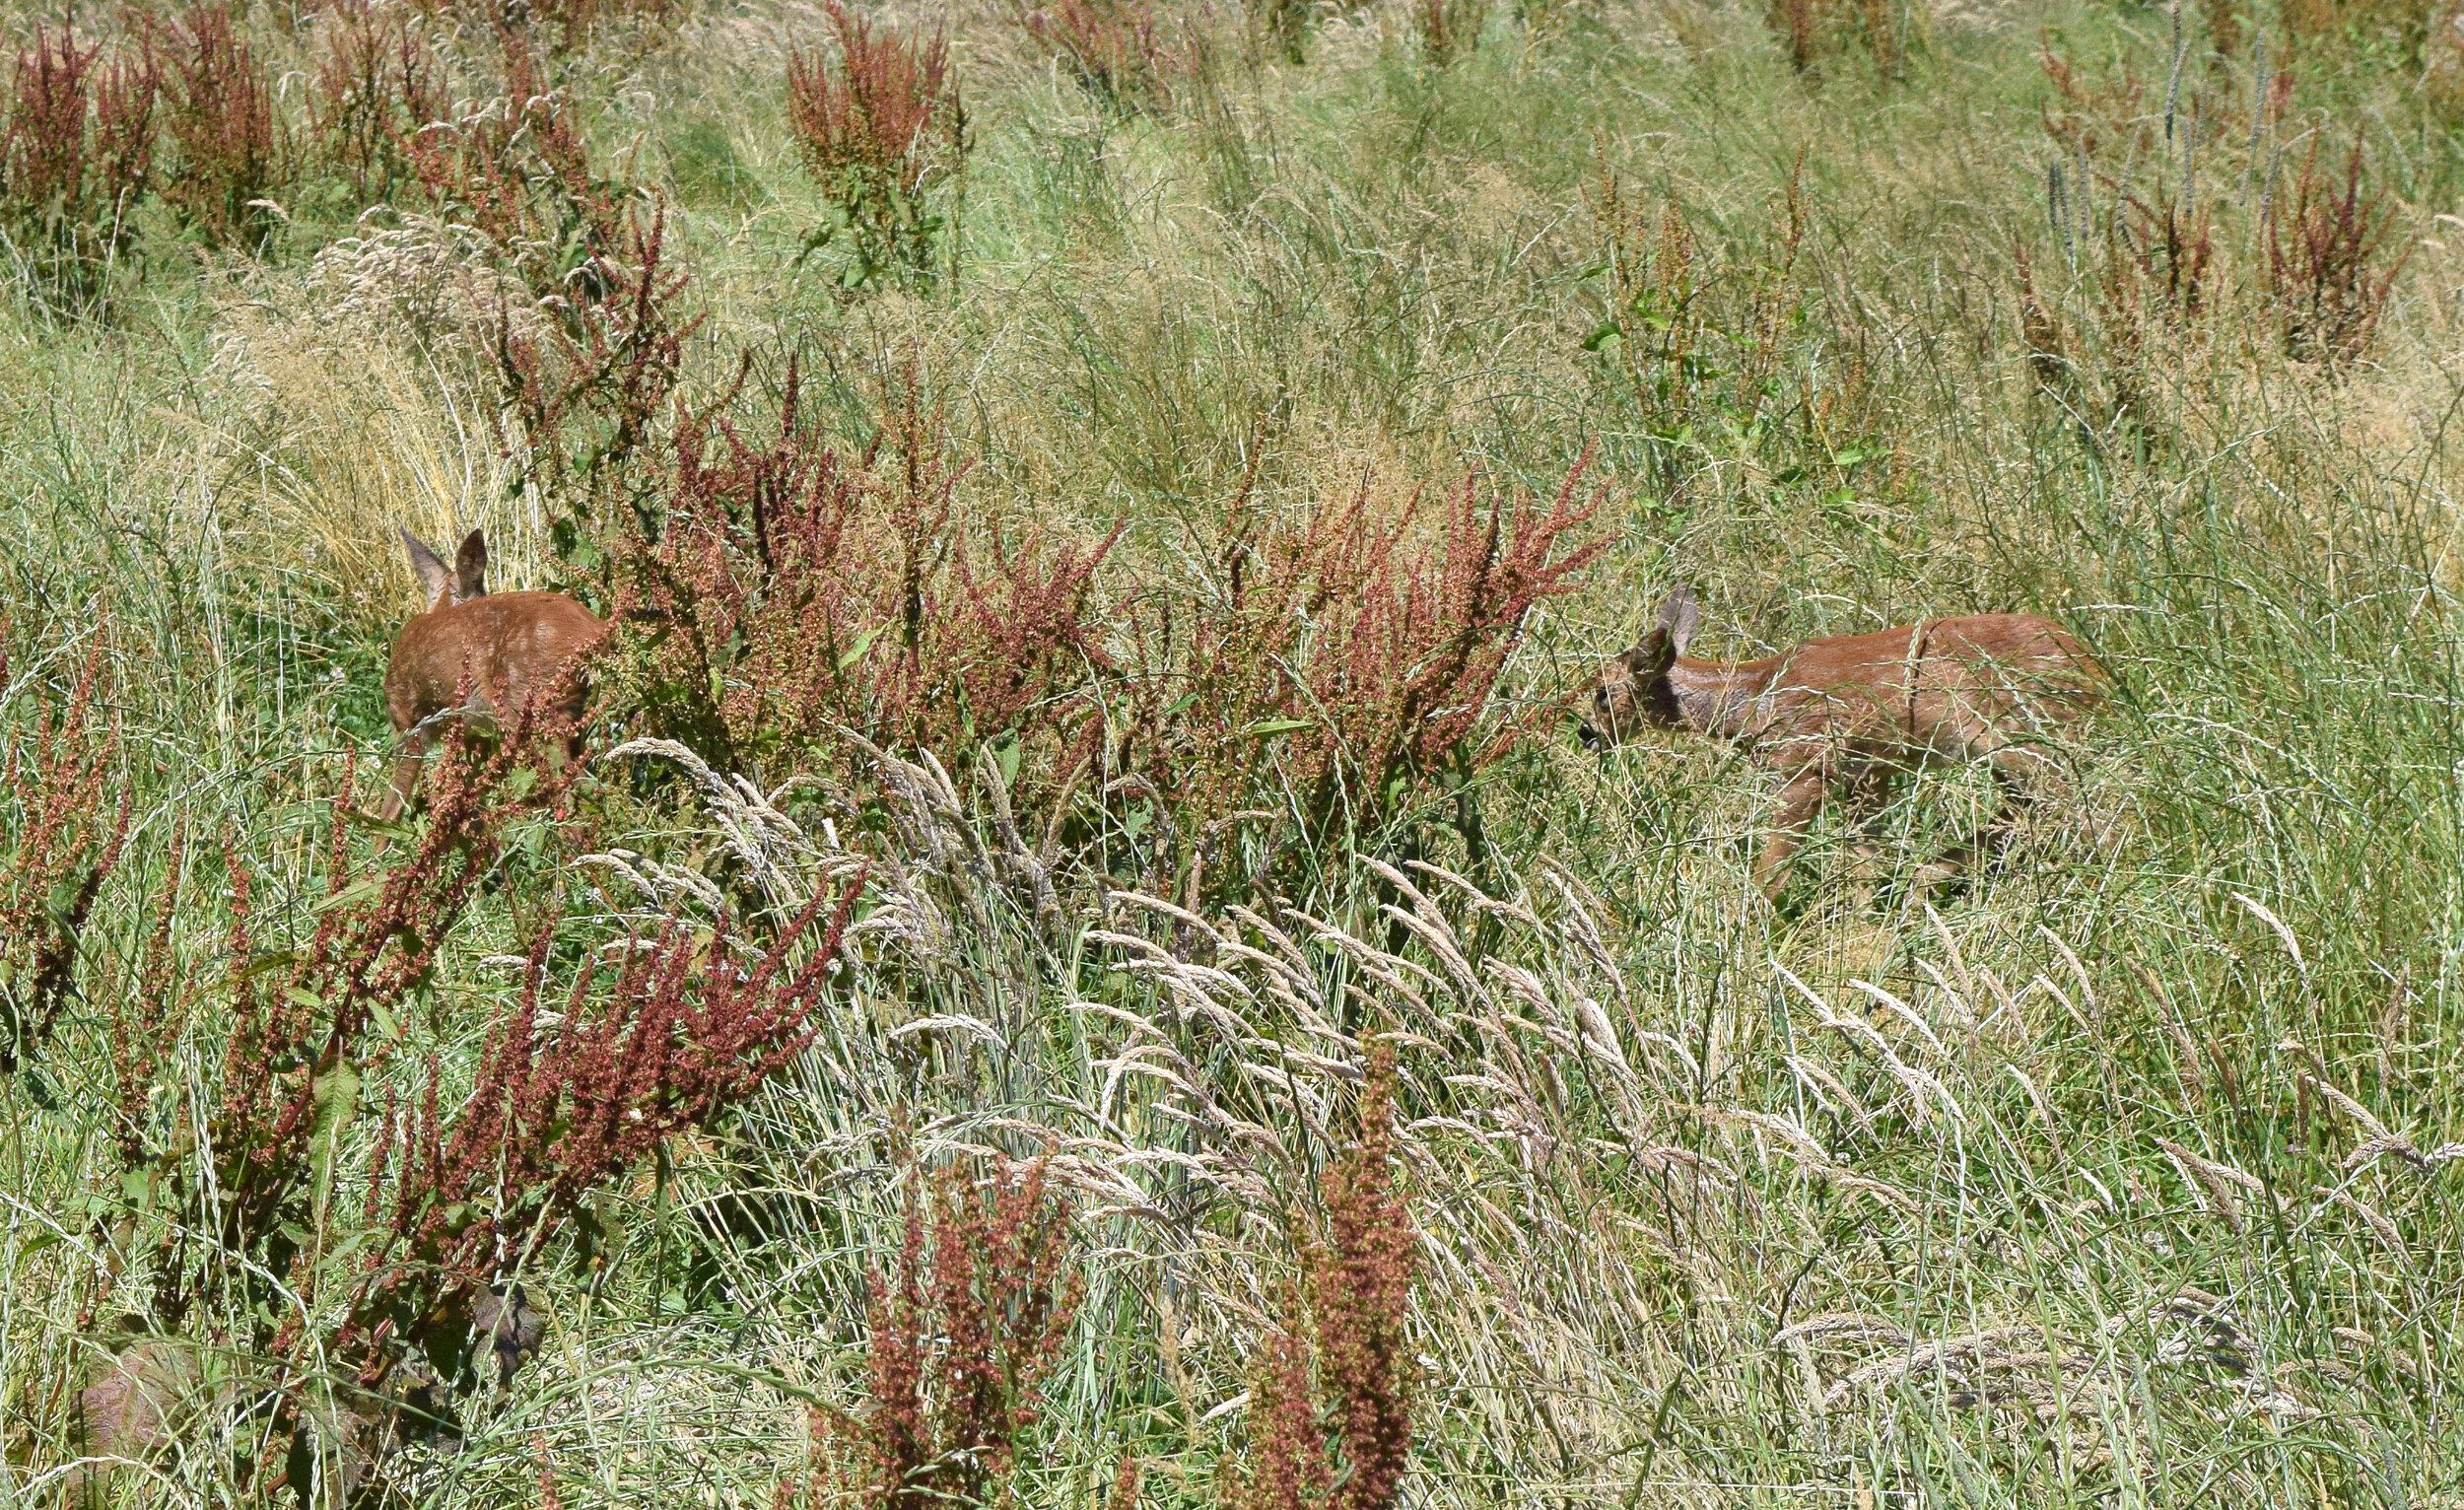 Deer in Binsted Park